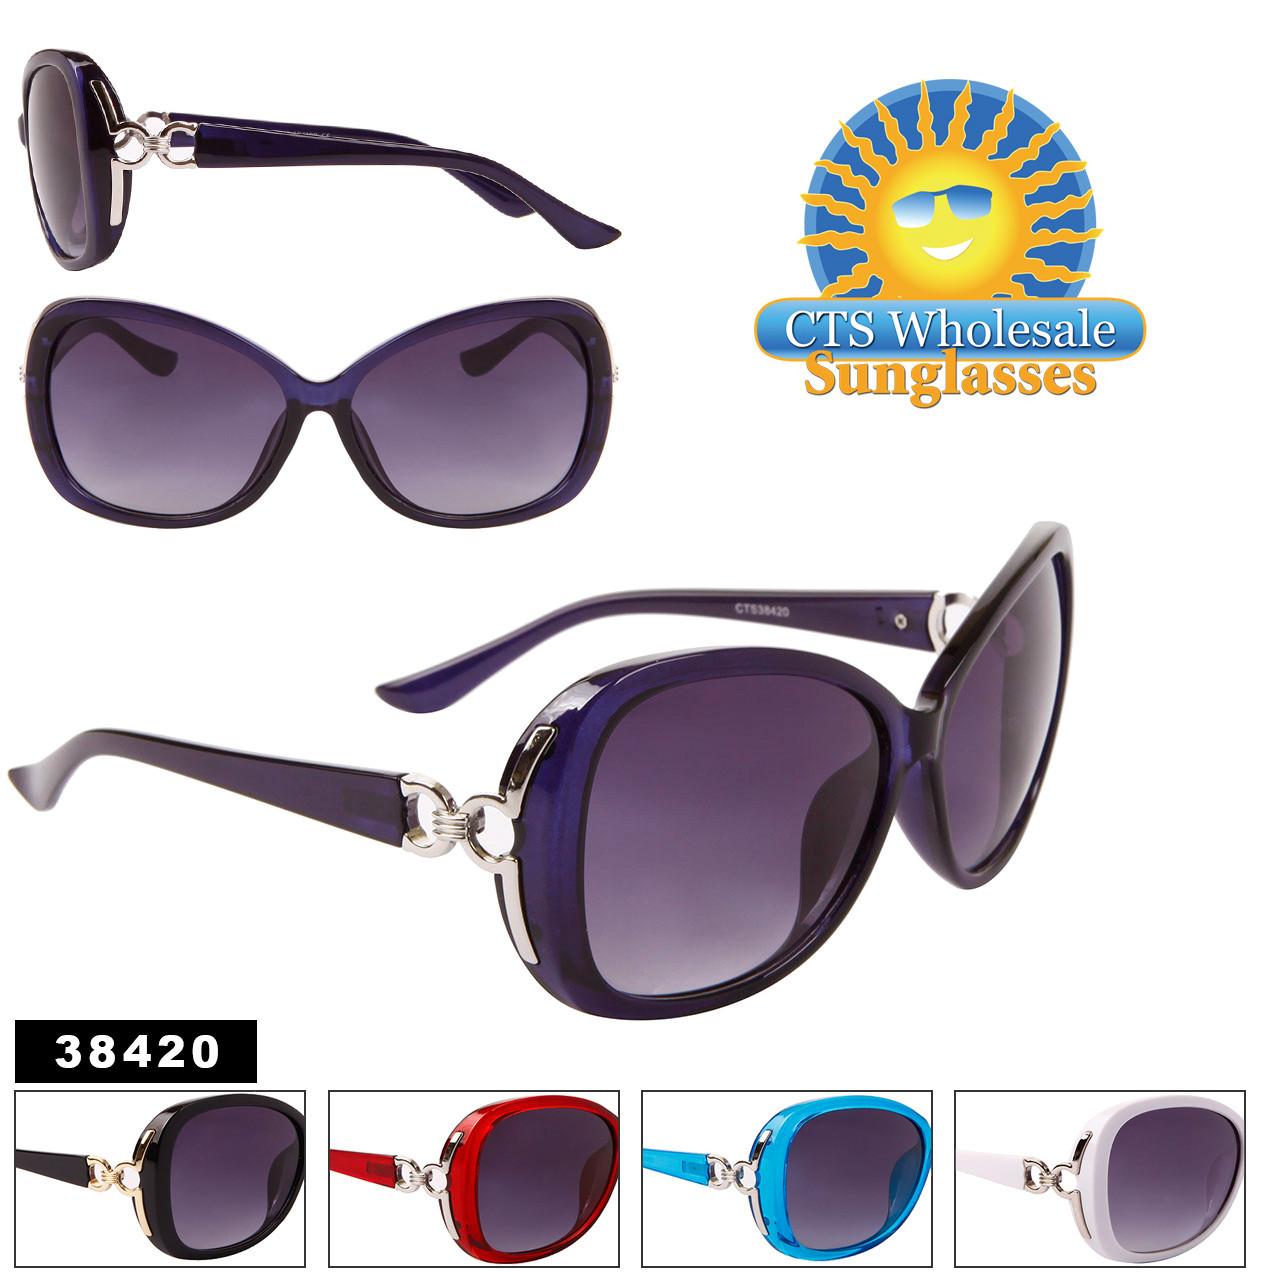 Women's Fashion Sunglasses Wholesale - Style #38420 (Assorted Colors) (12 pcs.)